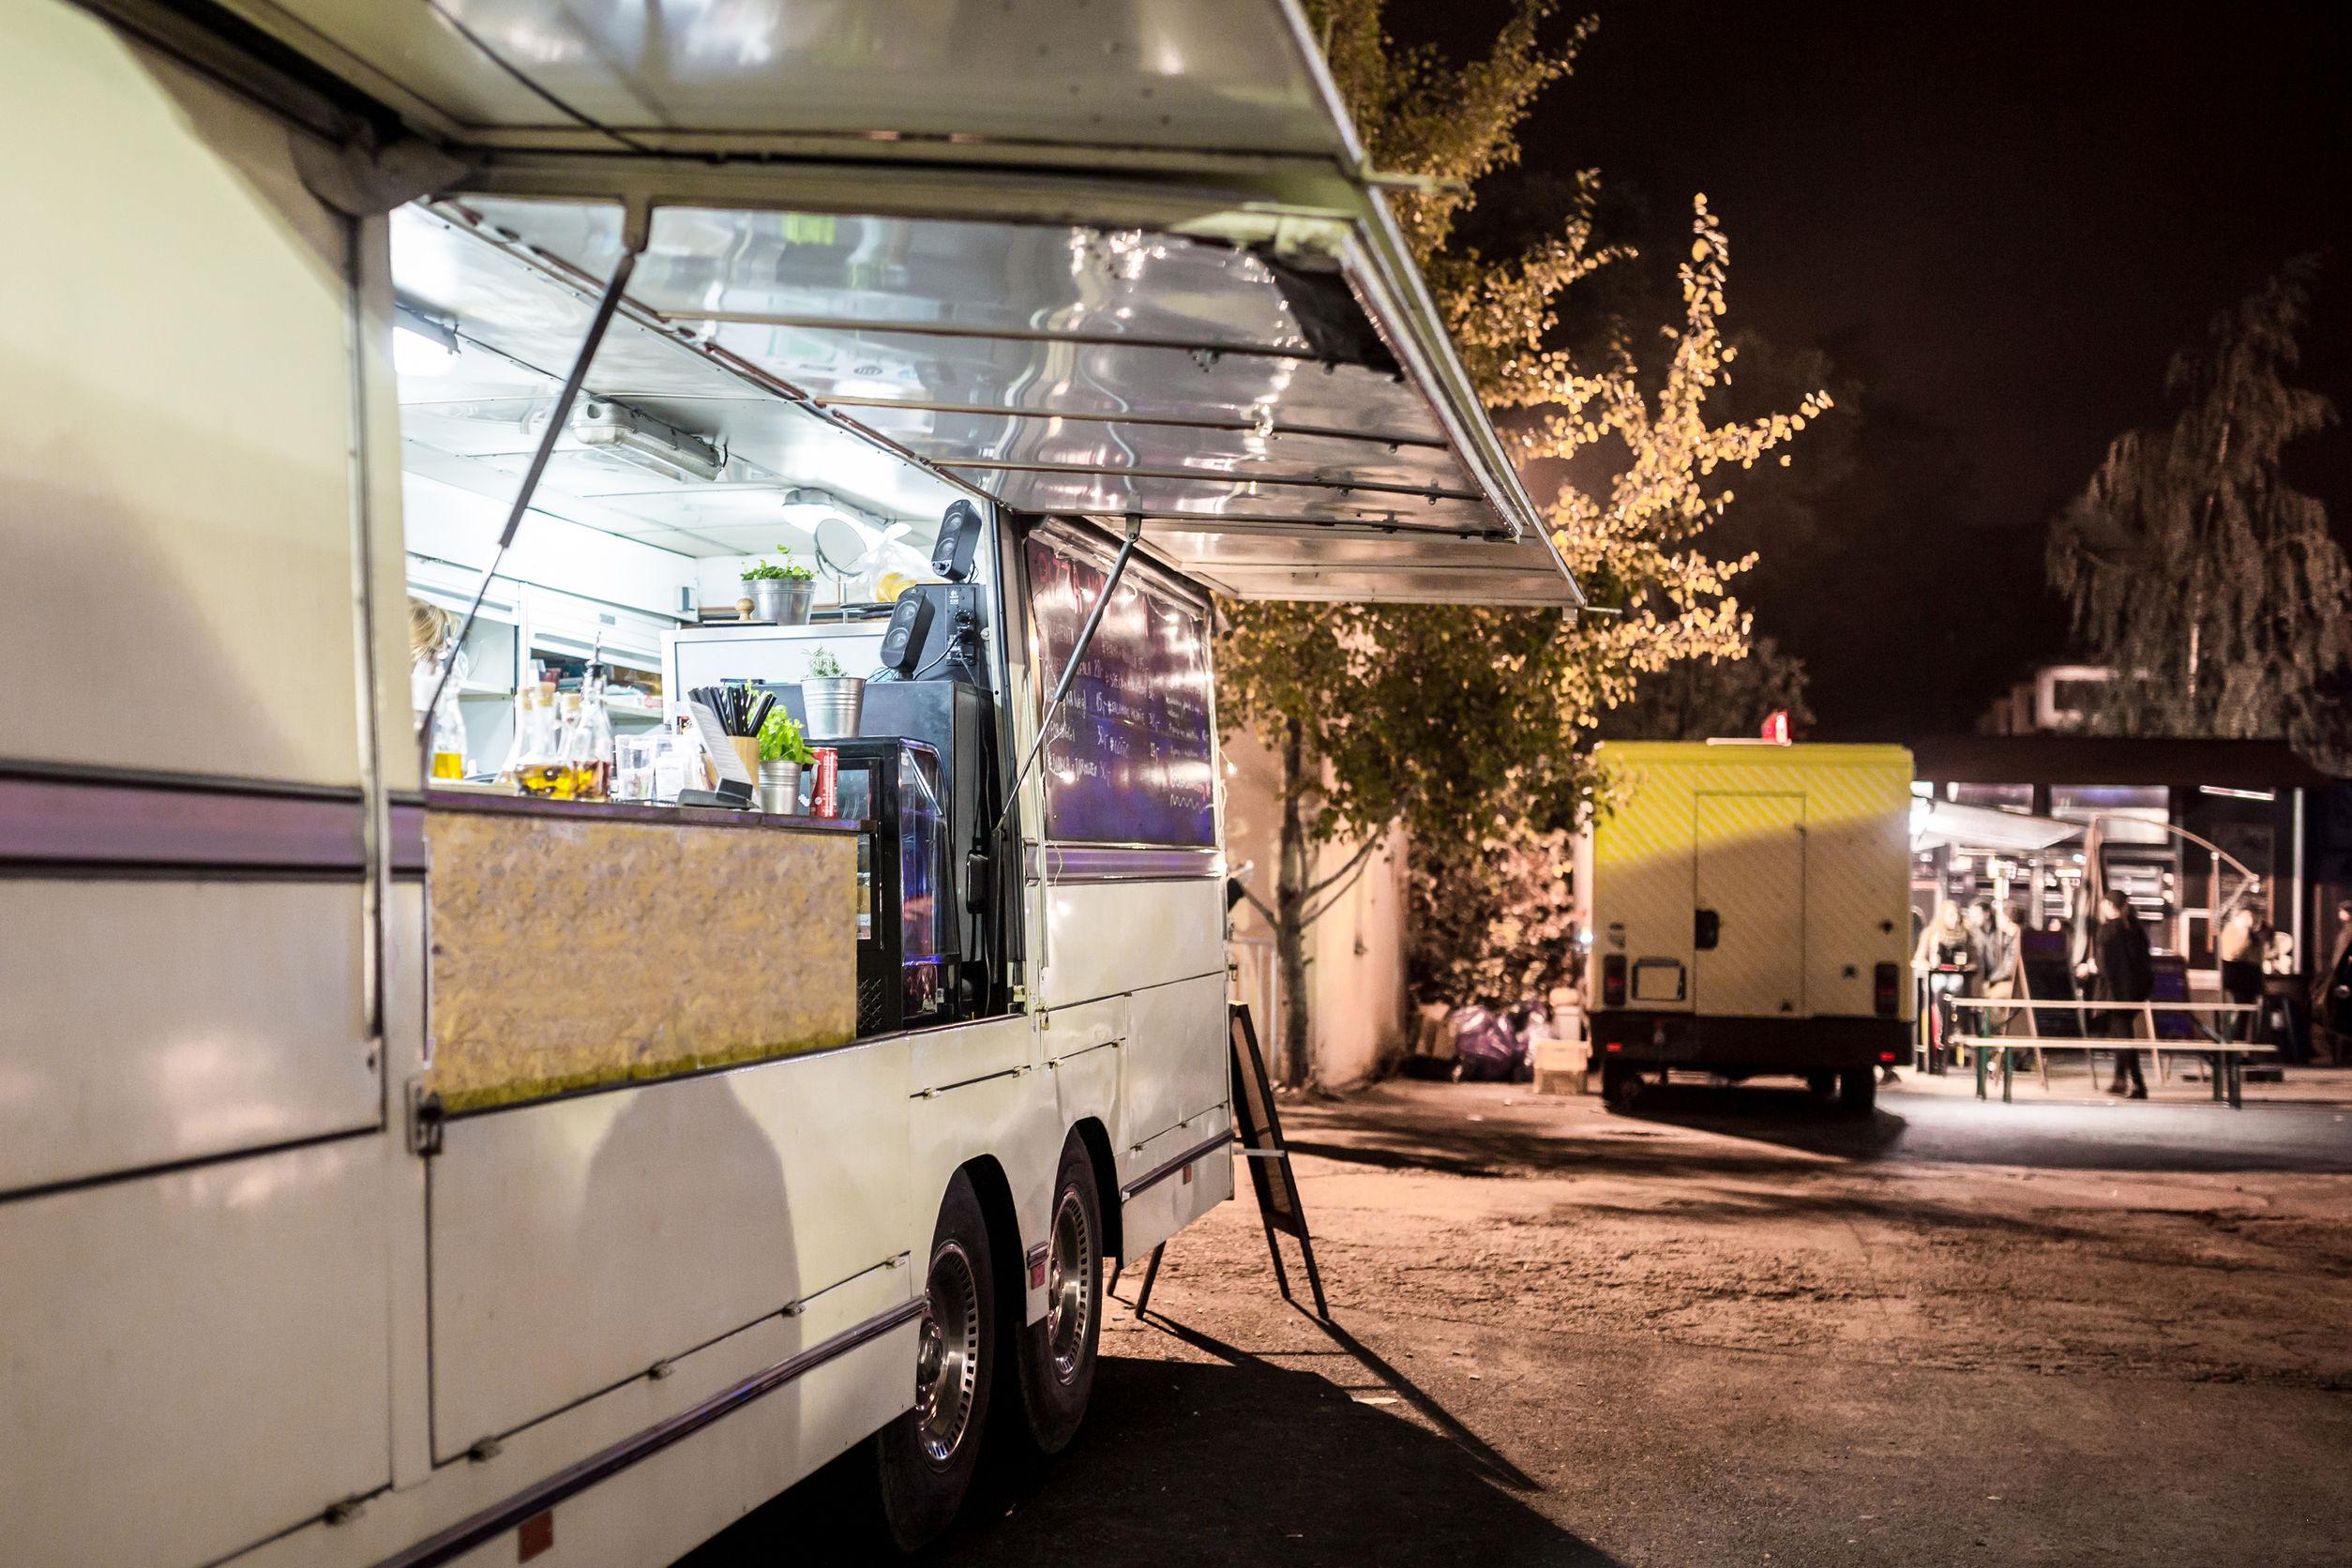 移動販売の営業許可は「食品 営業自動車」と「食品移動自動車」の二種類